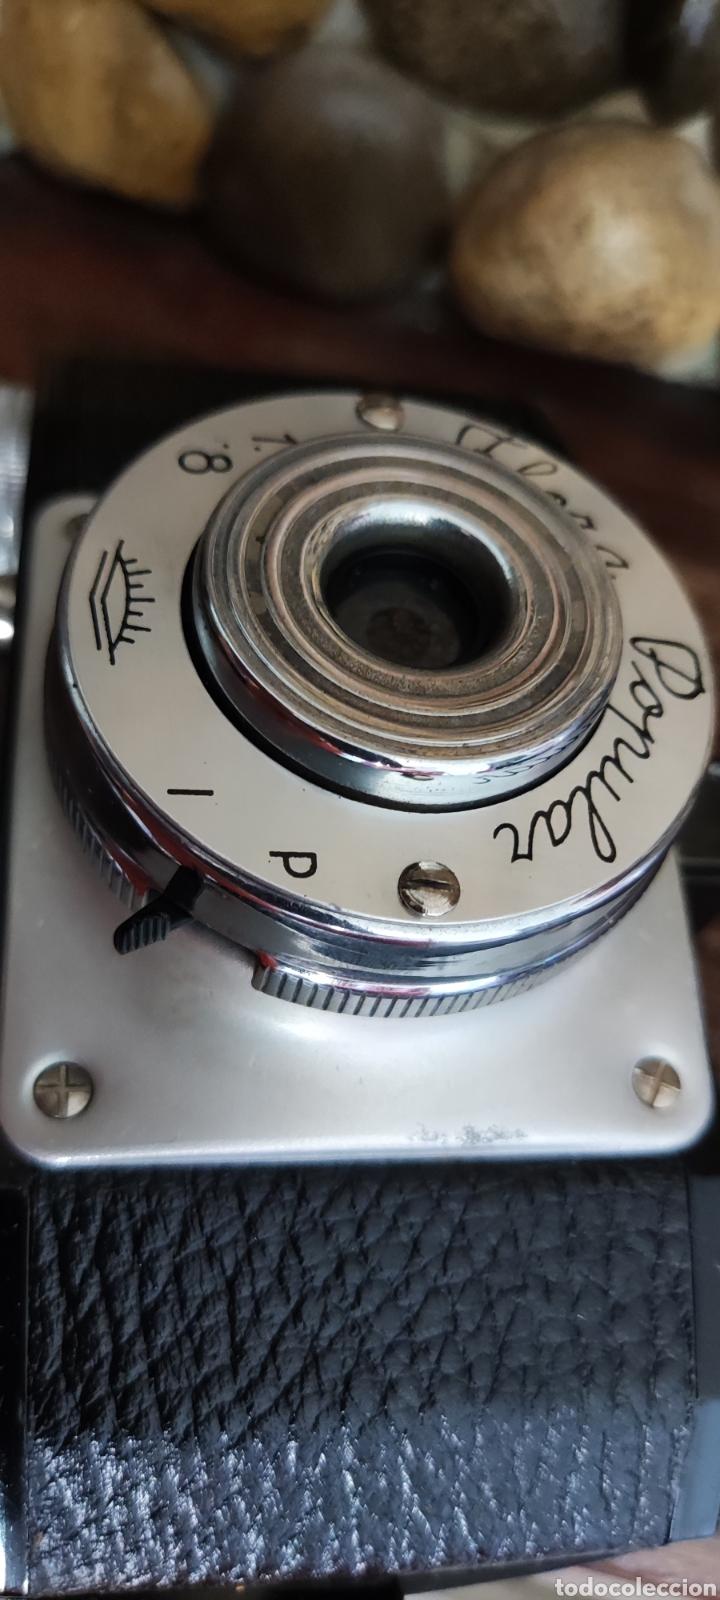 Cámara de fotos: Antigua cámara fotográfica Flora Popular fabricada en España con Su funda - Foto 9 - 288050808